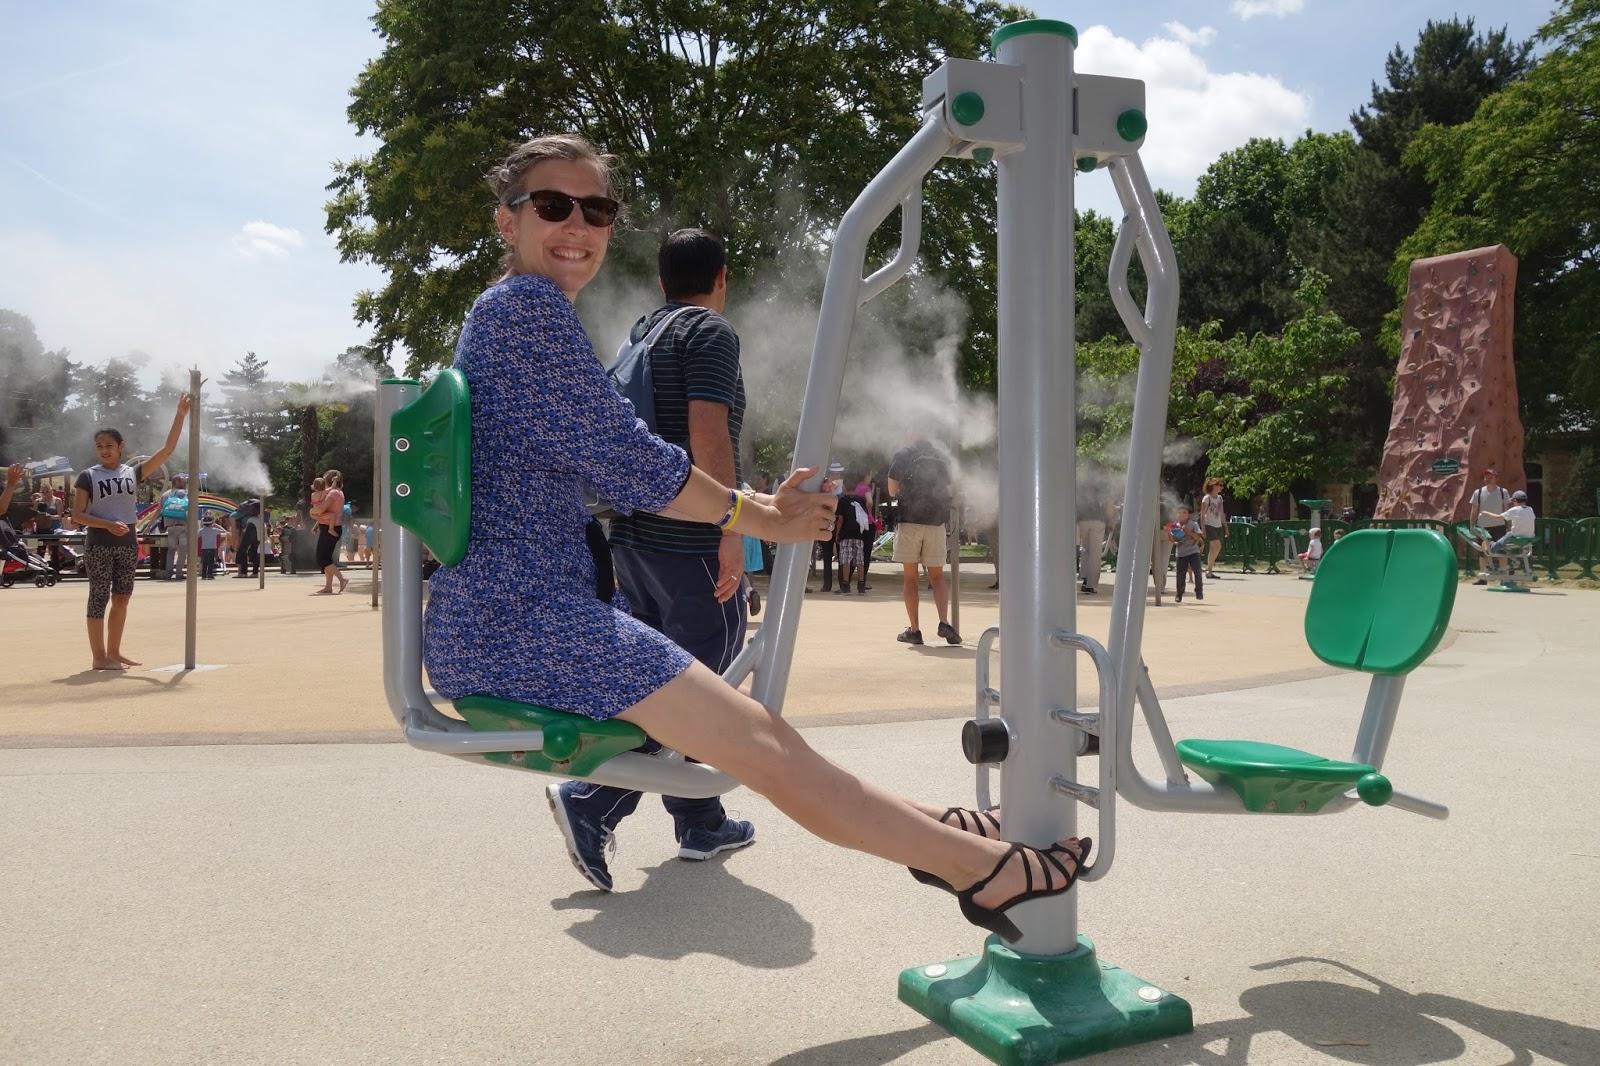 Paristempslibre une journ e au jardin d 39 acclimatation for Jardin acclimatation